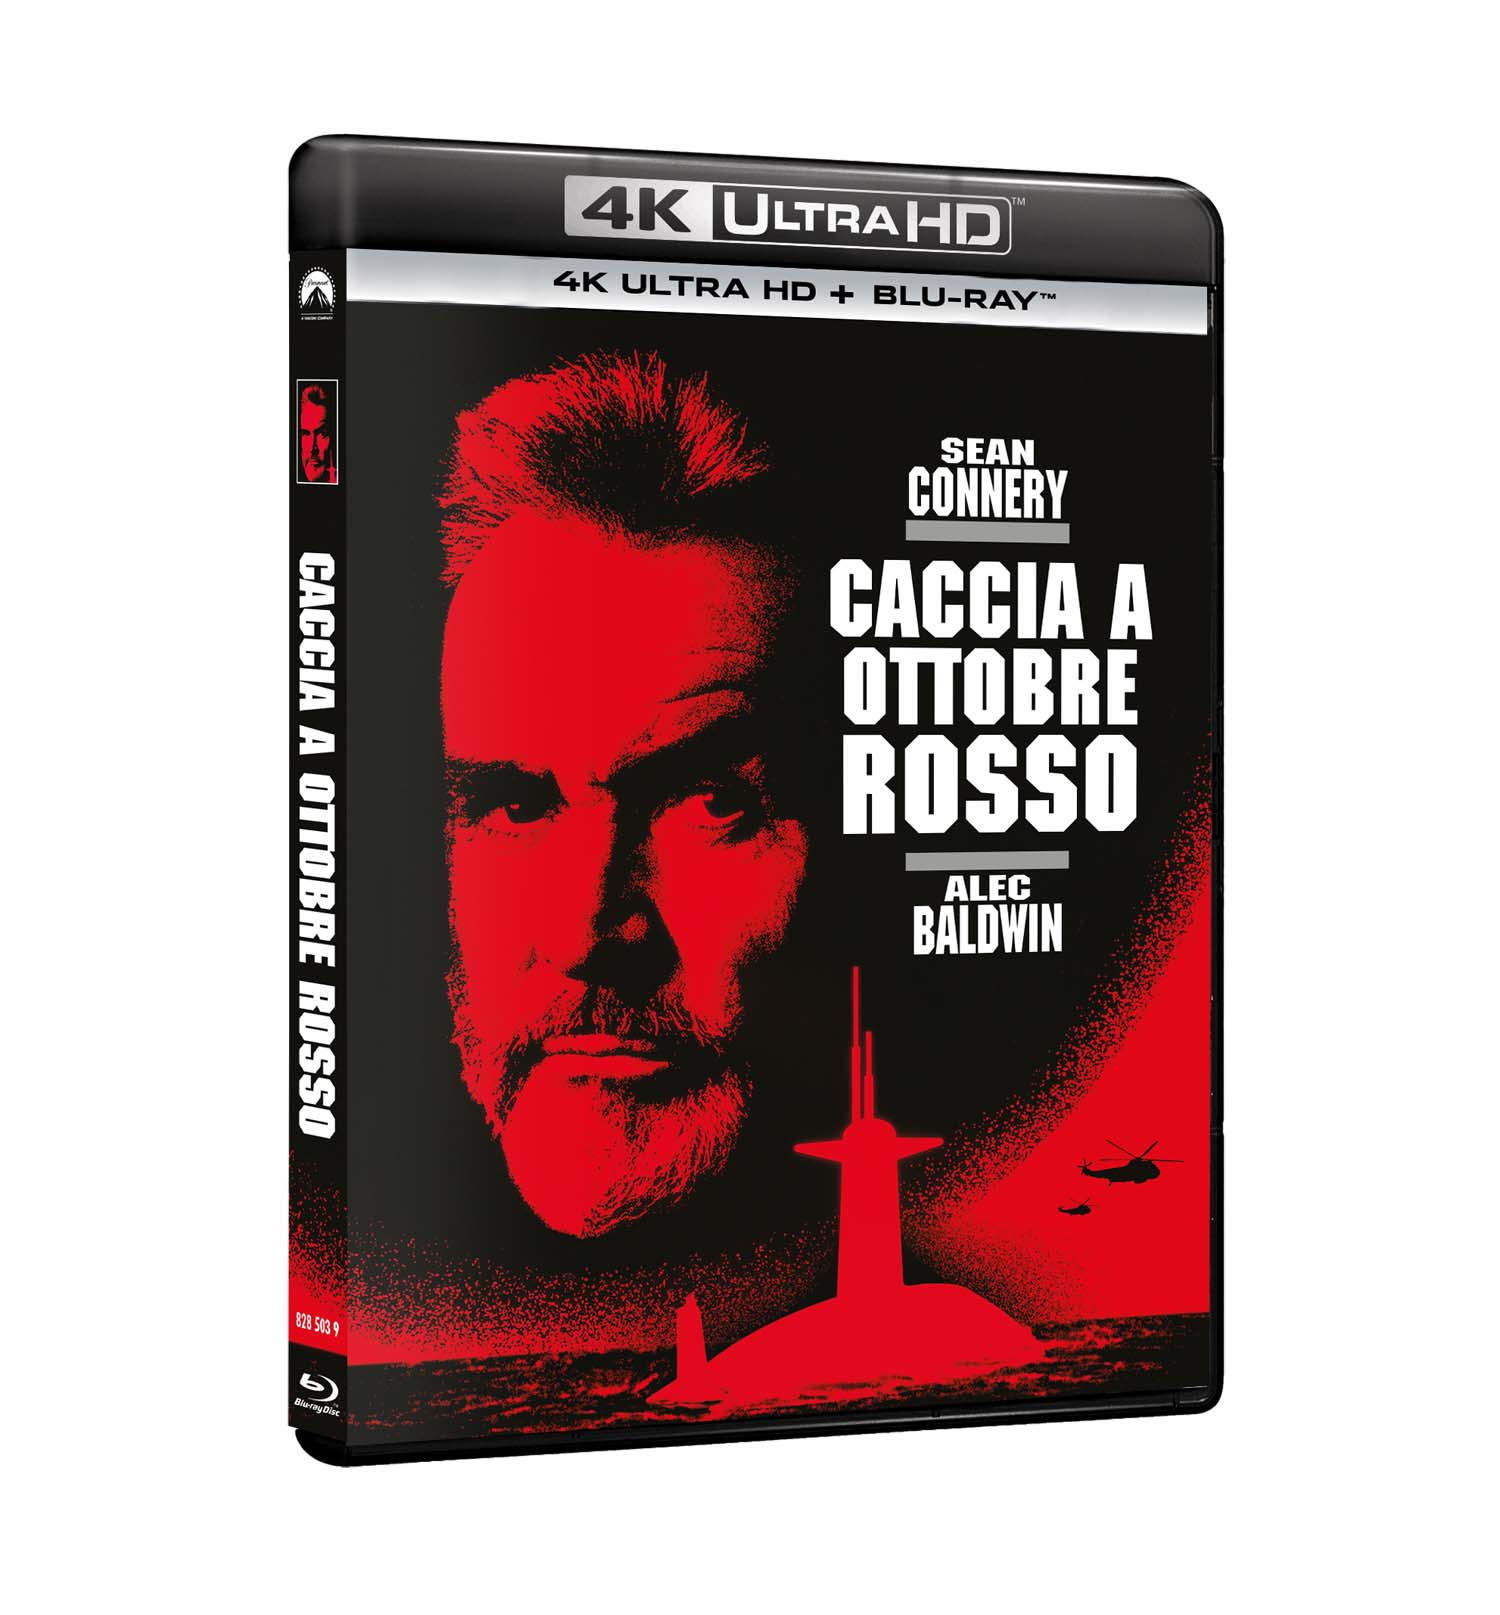 CACCIA A OTTOBRE ROSSO (BLU-RAY 4K ULTRA HD+BLU-RAY)